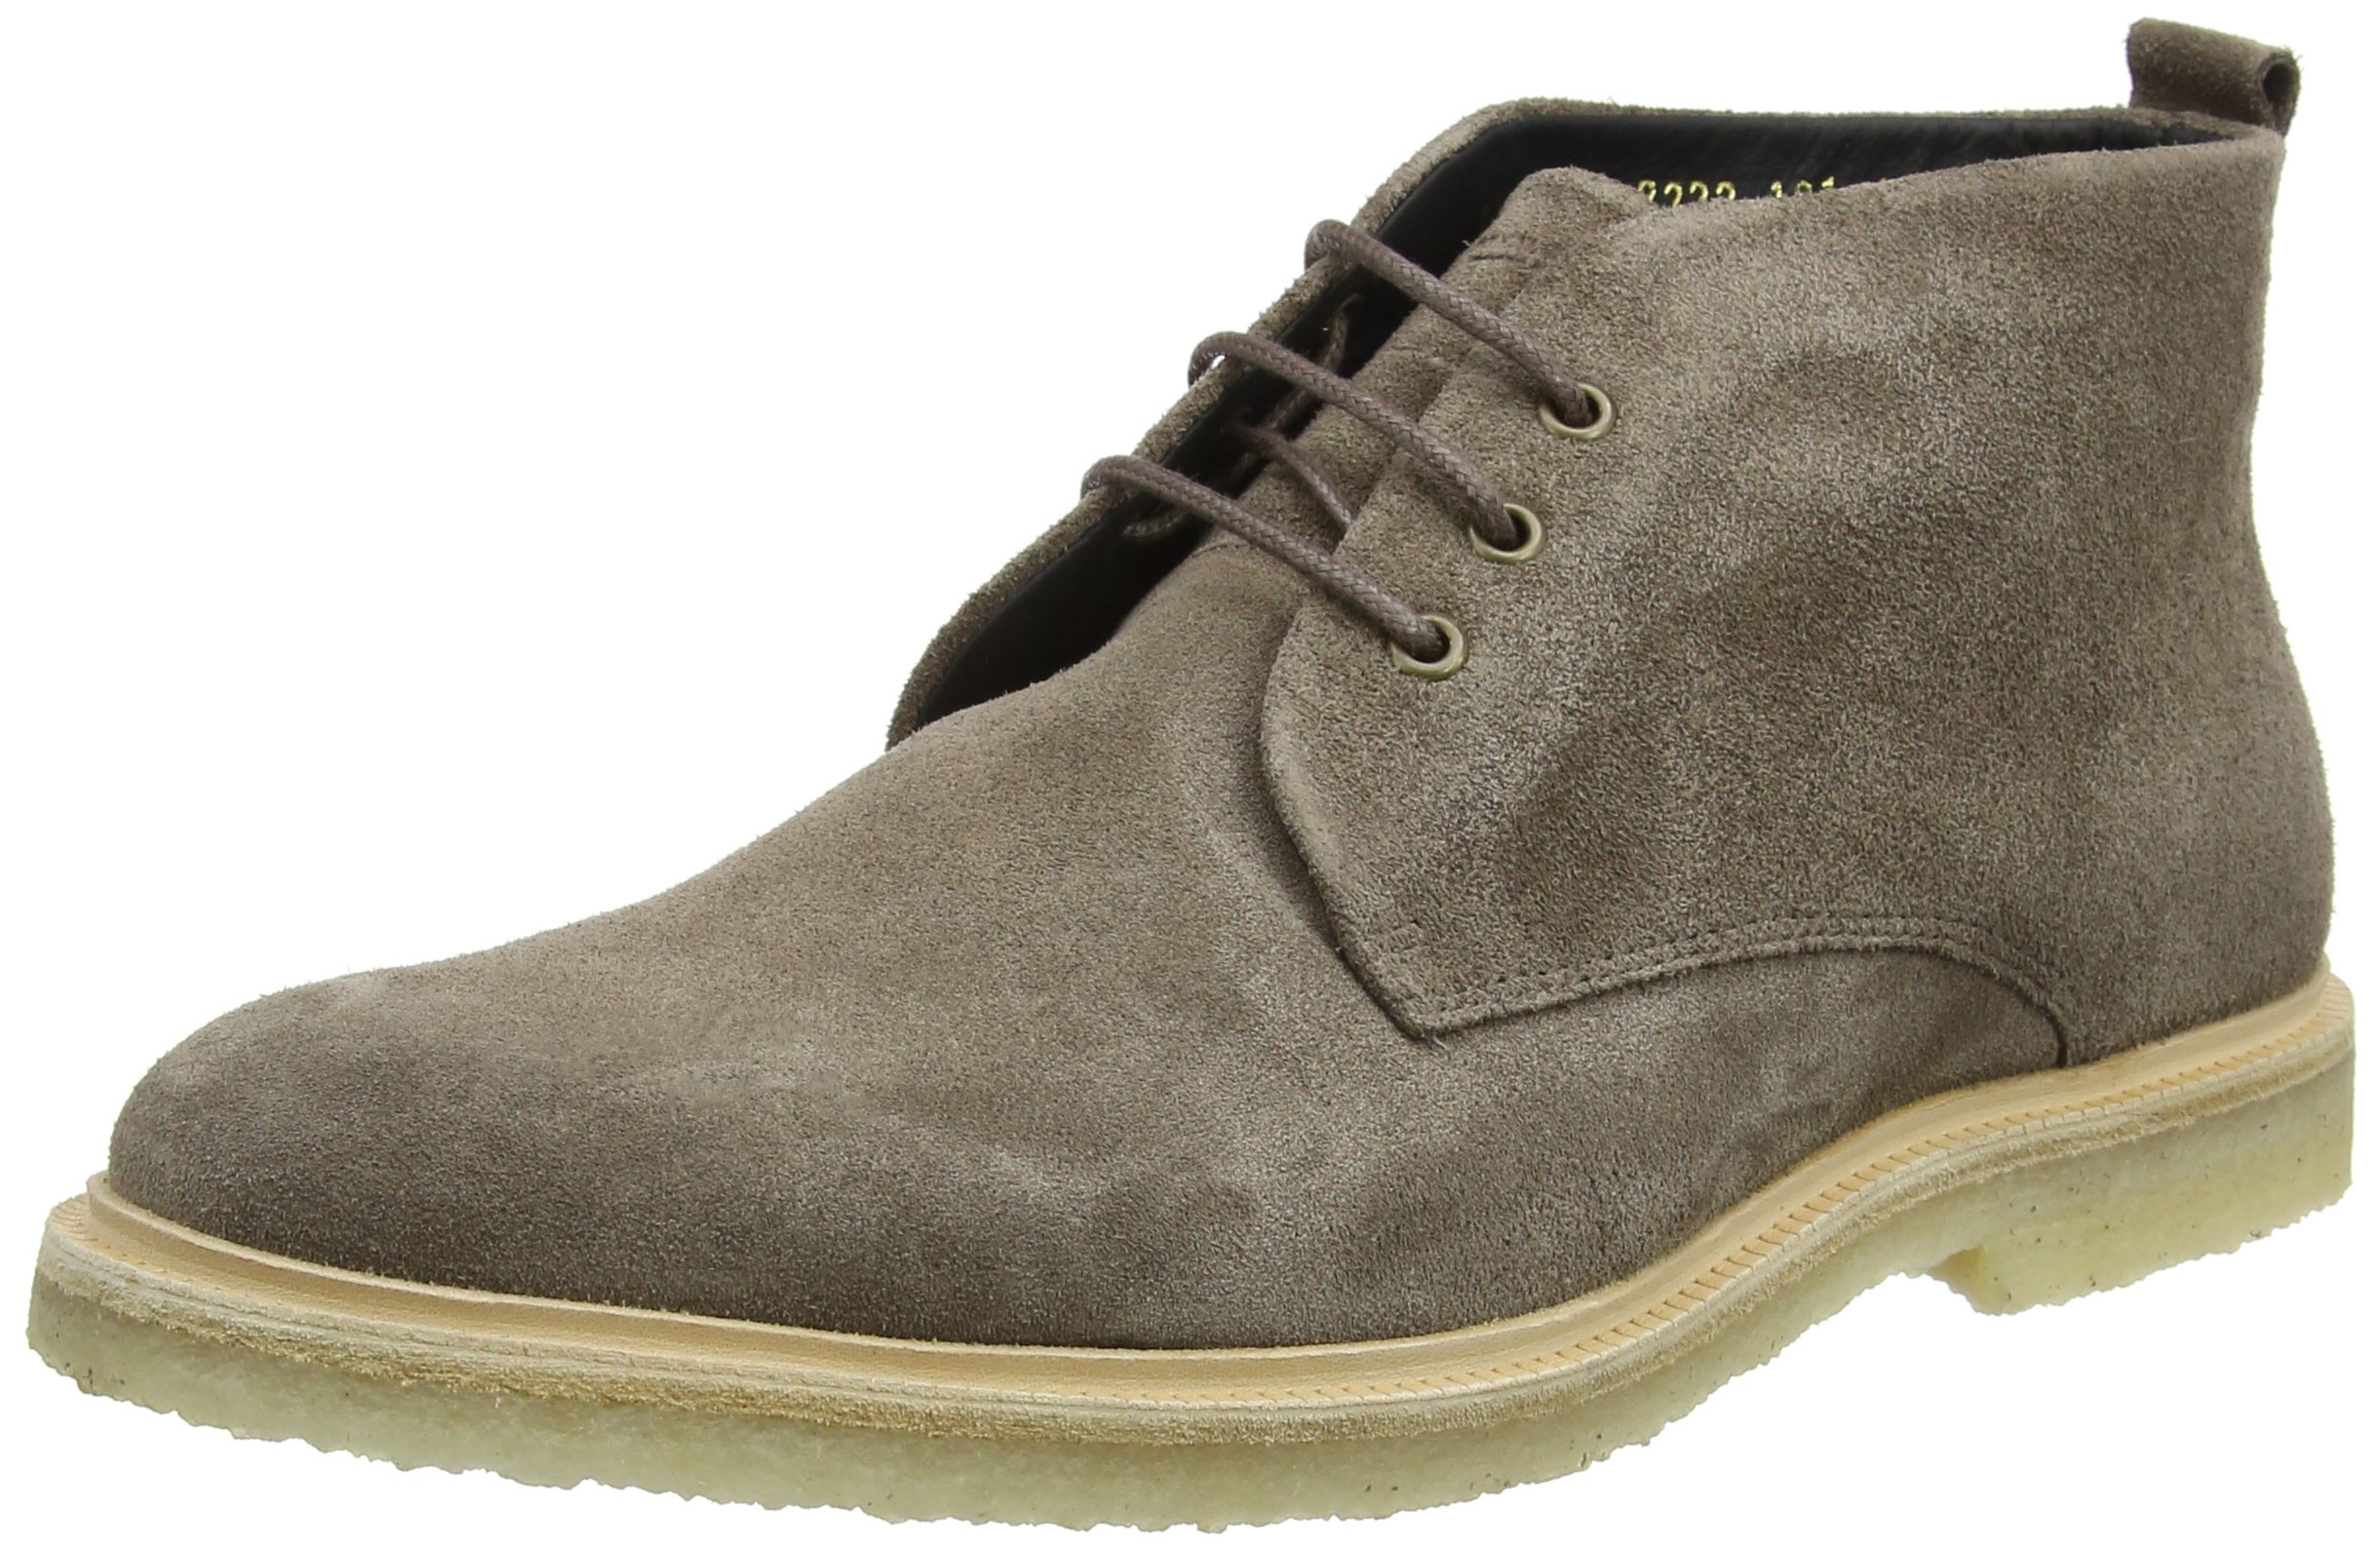 Royal 1042 HommeMarron Suede Cast taupeDesert Crepe Boots Midcut Republiq Eu ulKTFc1J3